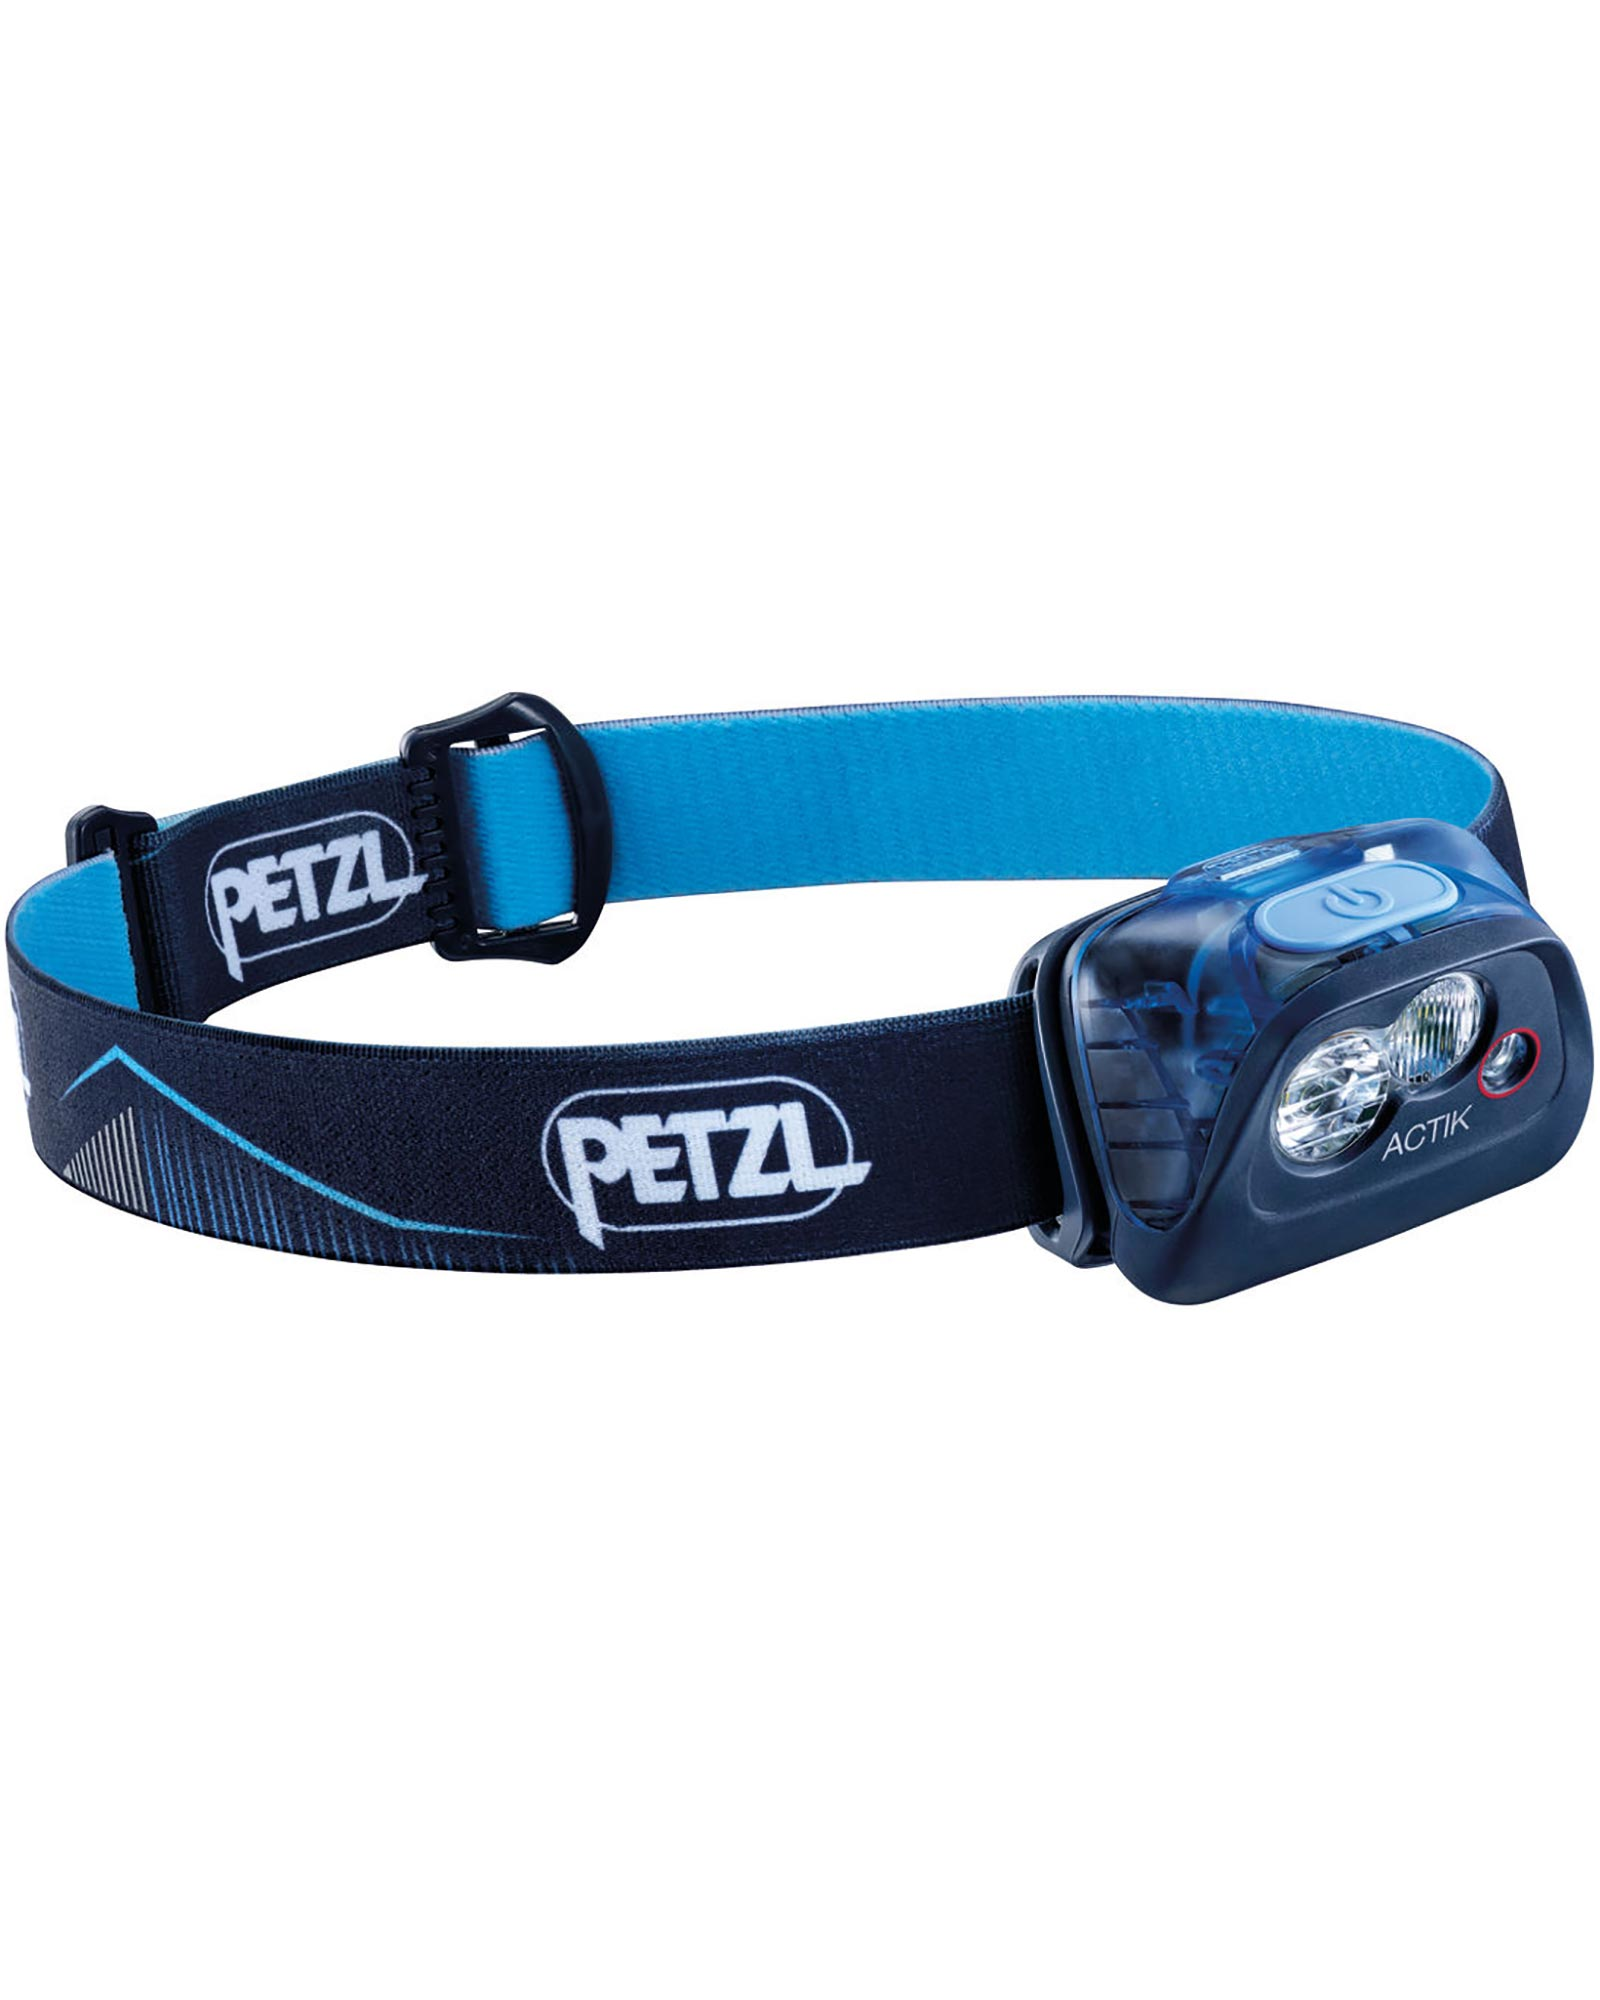 Petzl Actik Head Torch 0